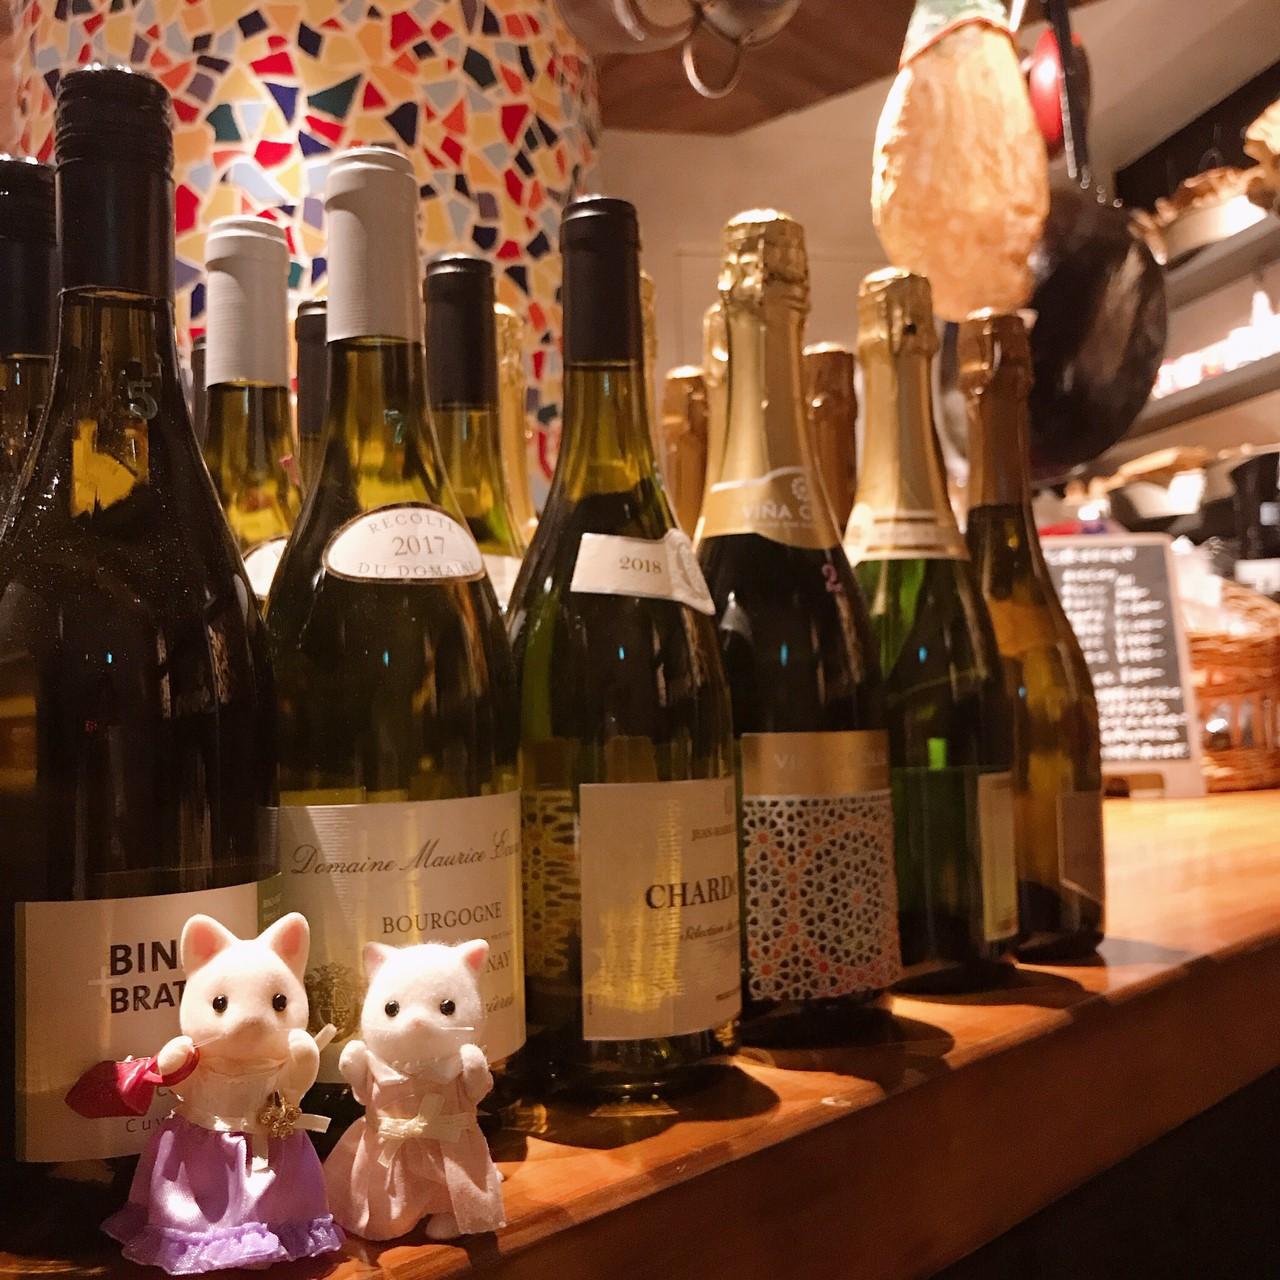 熊本オープニングワイン会